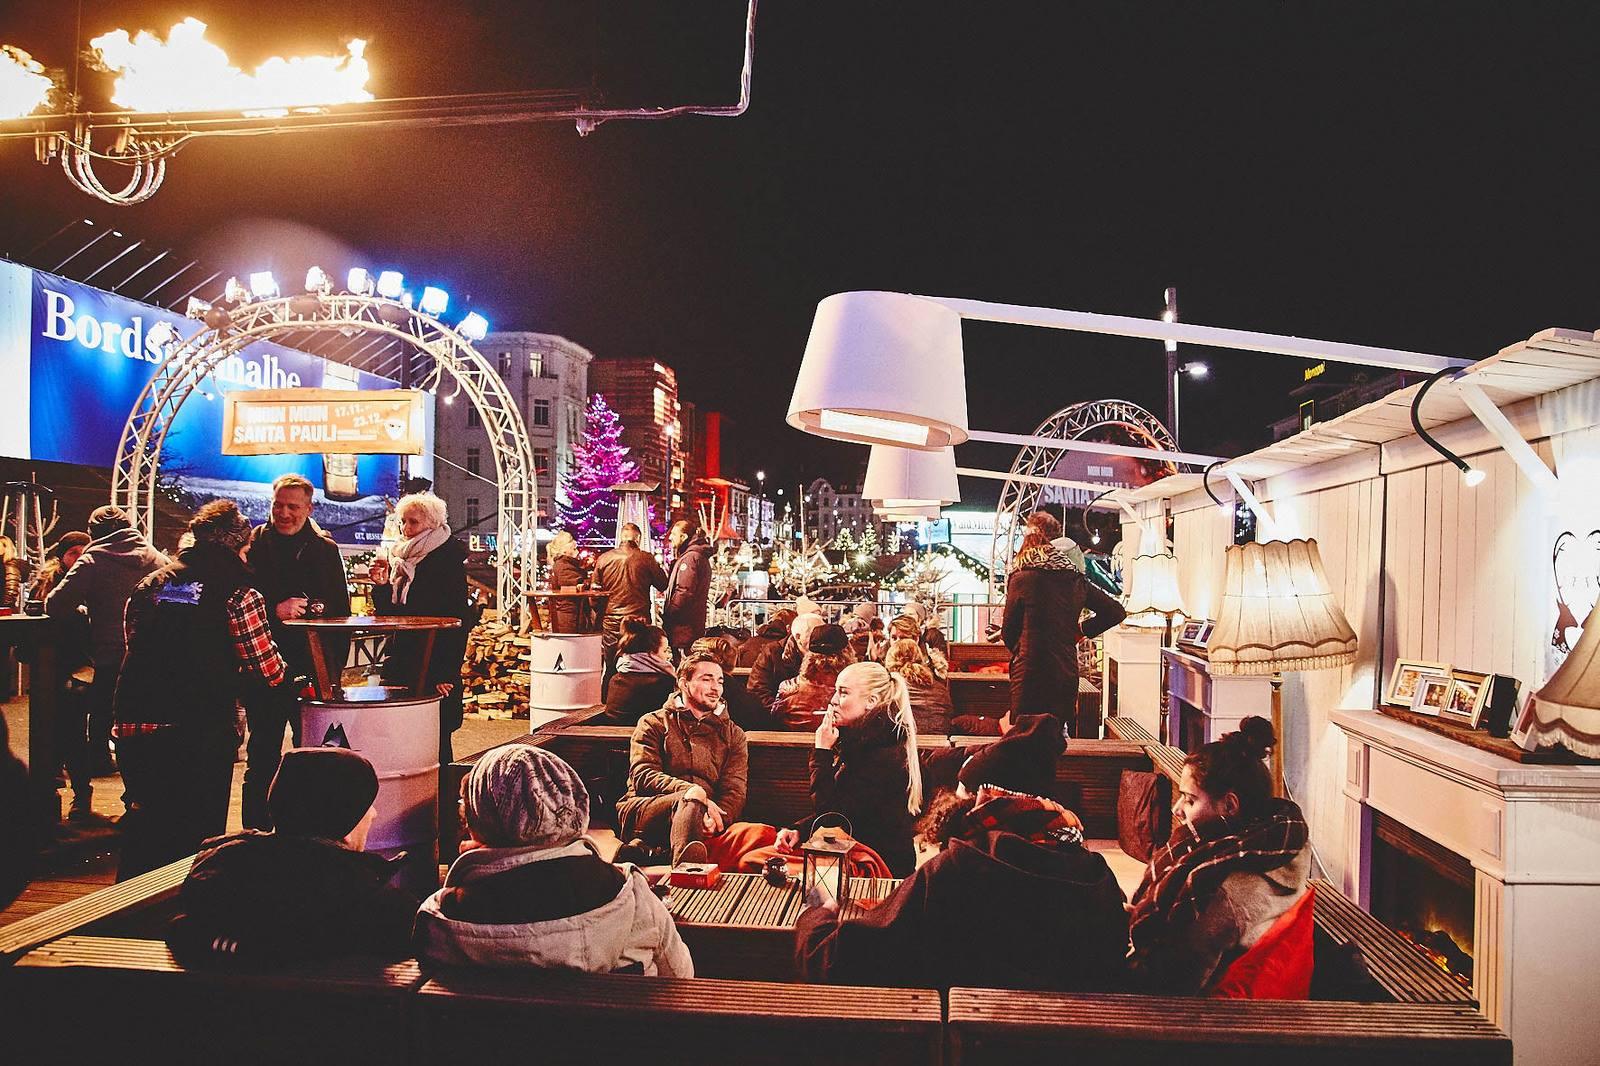 Das Winterdeck auf dem Spielbudenplatz bringt dich in vorweihnachtliche Stimmung!